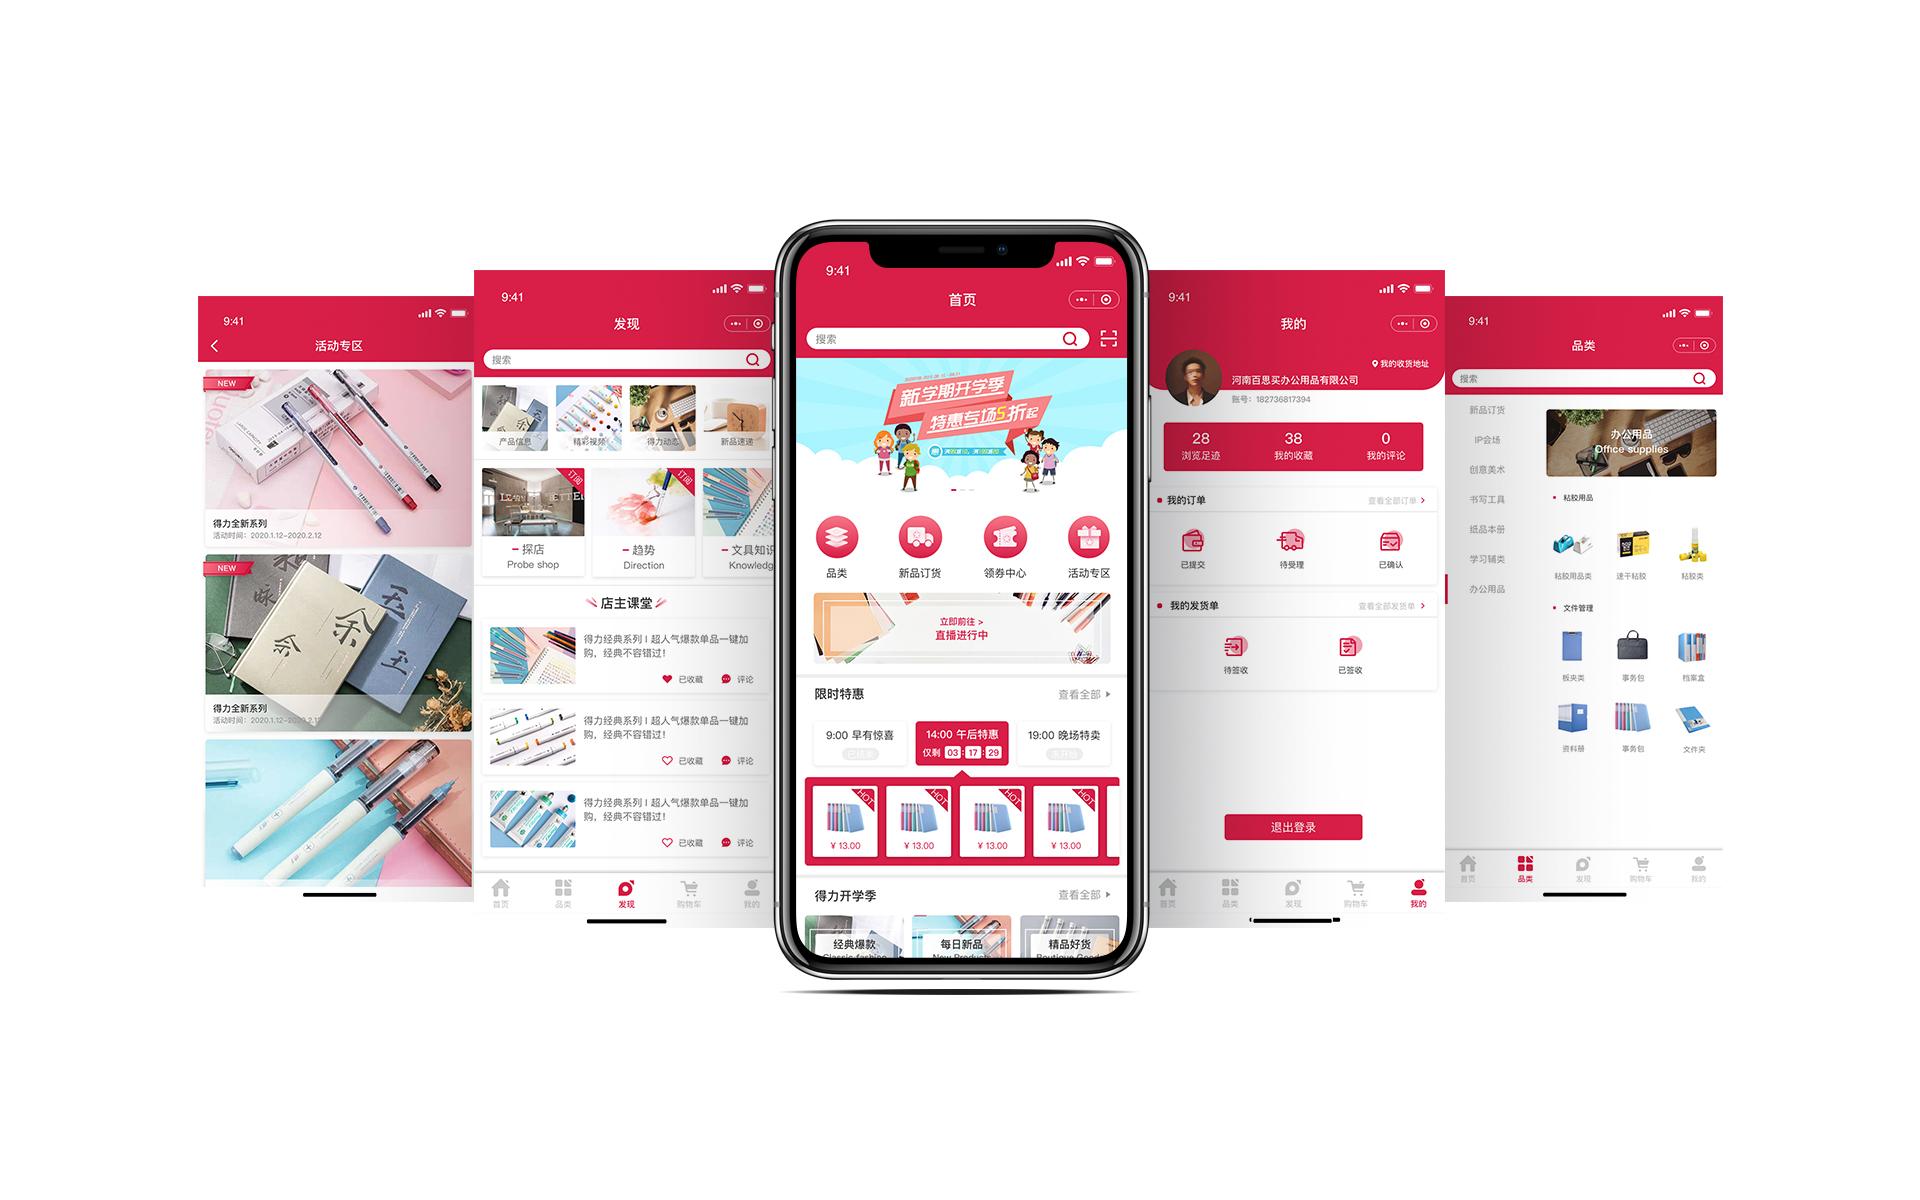 鲜花包装礼品精品店贺卡微信小程序公众号平台定制开发设计制作